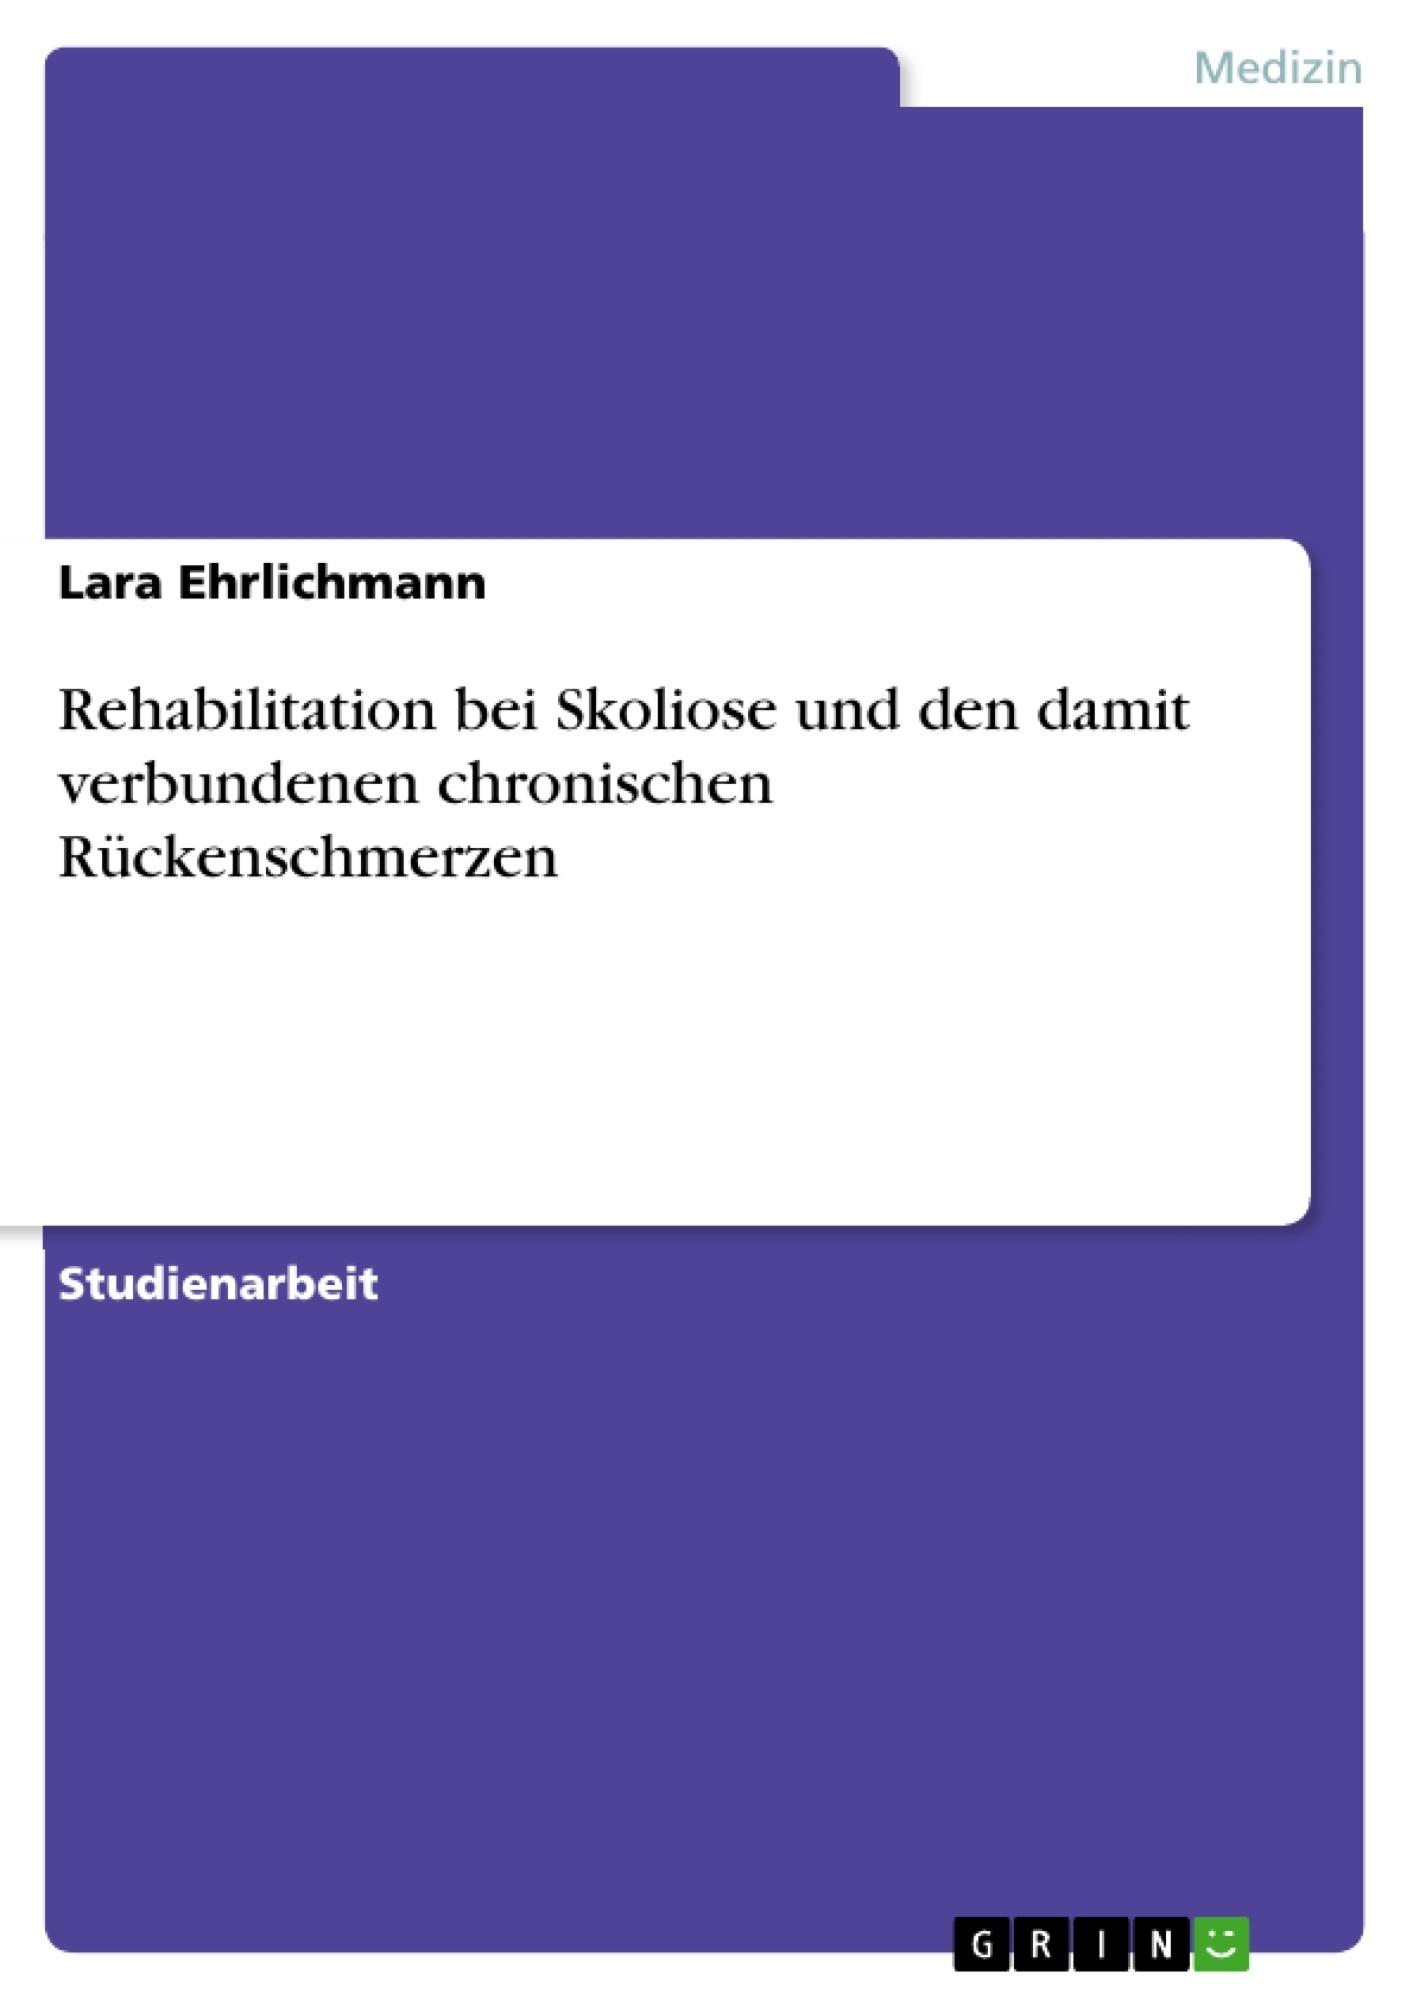 Titel: Rehabilitation bei Skoliose und den damit verbundenen chronischen Rückenschmerzen